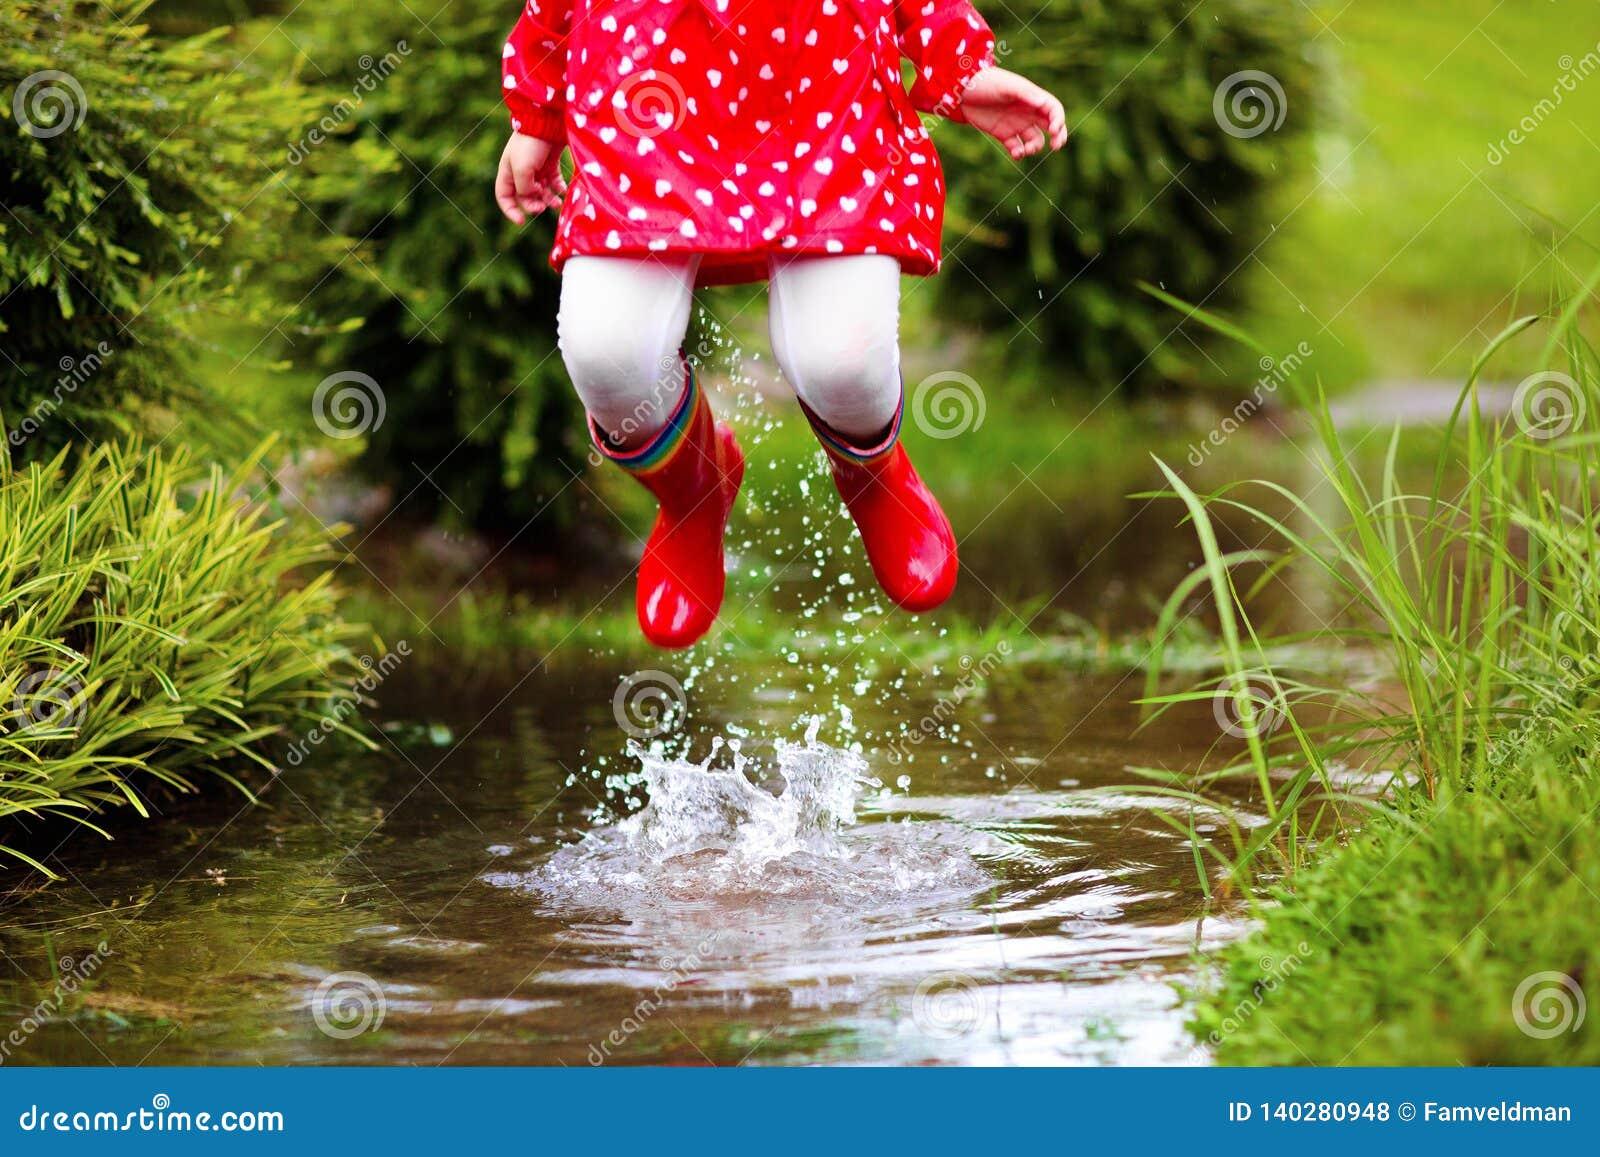 Kids in puddle in autumn rain. Waterproof wear